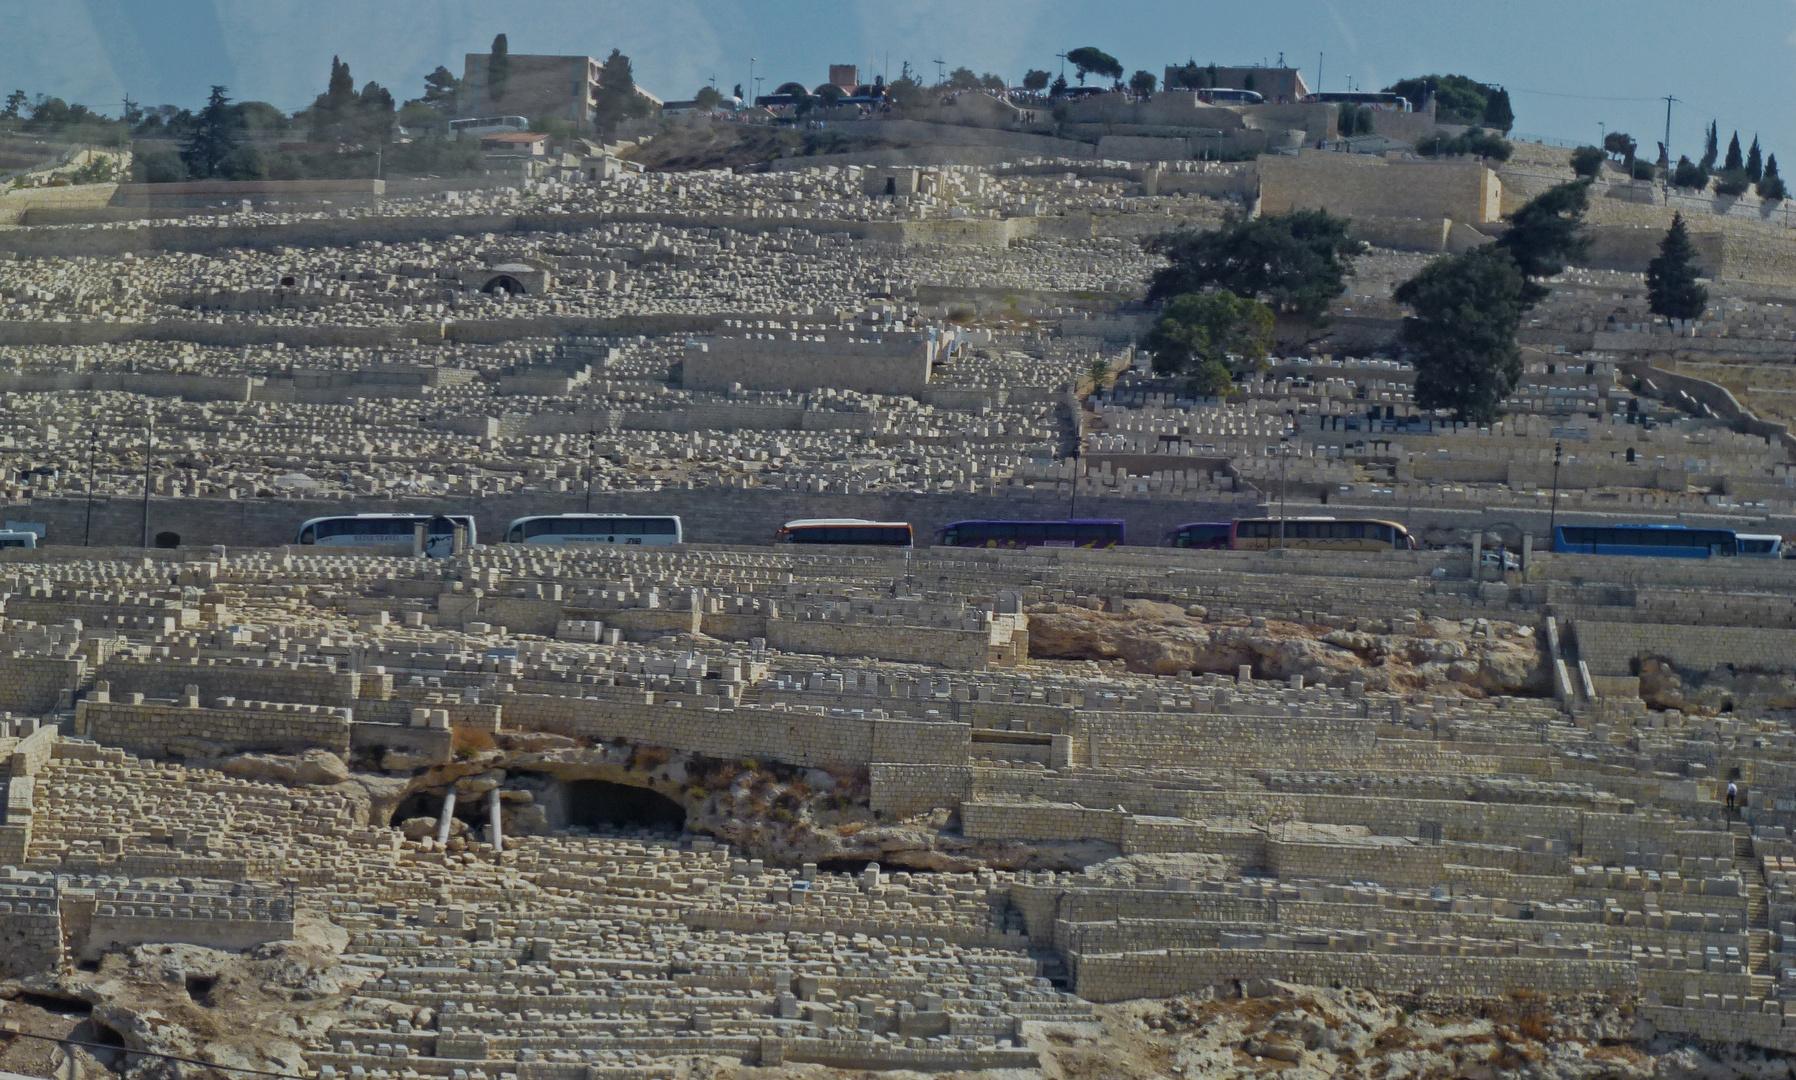 riesige Gräberfelder vor den Toren Jerusalems